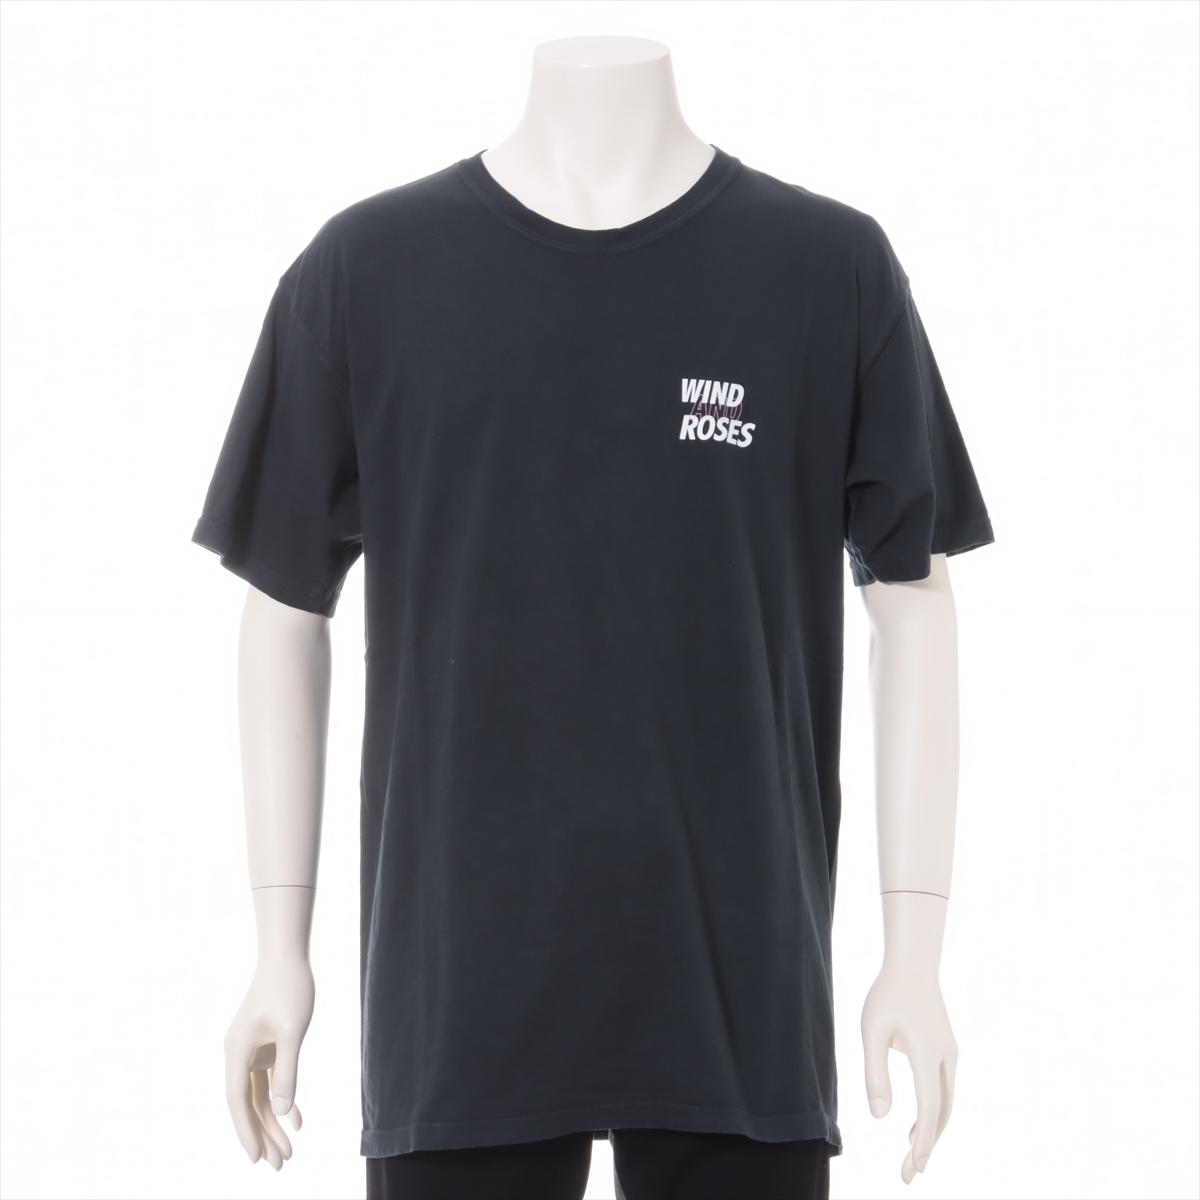 中古 超激安特価 ウィンダンシー×ヴィオラ ローゼス コットン ブラック L Tシャツ 日本限定 メンズ